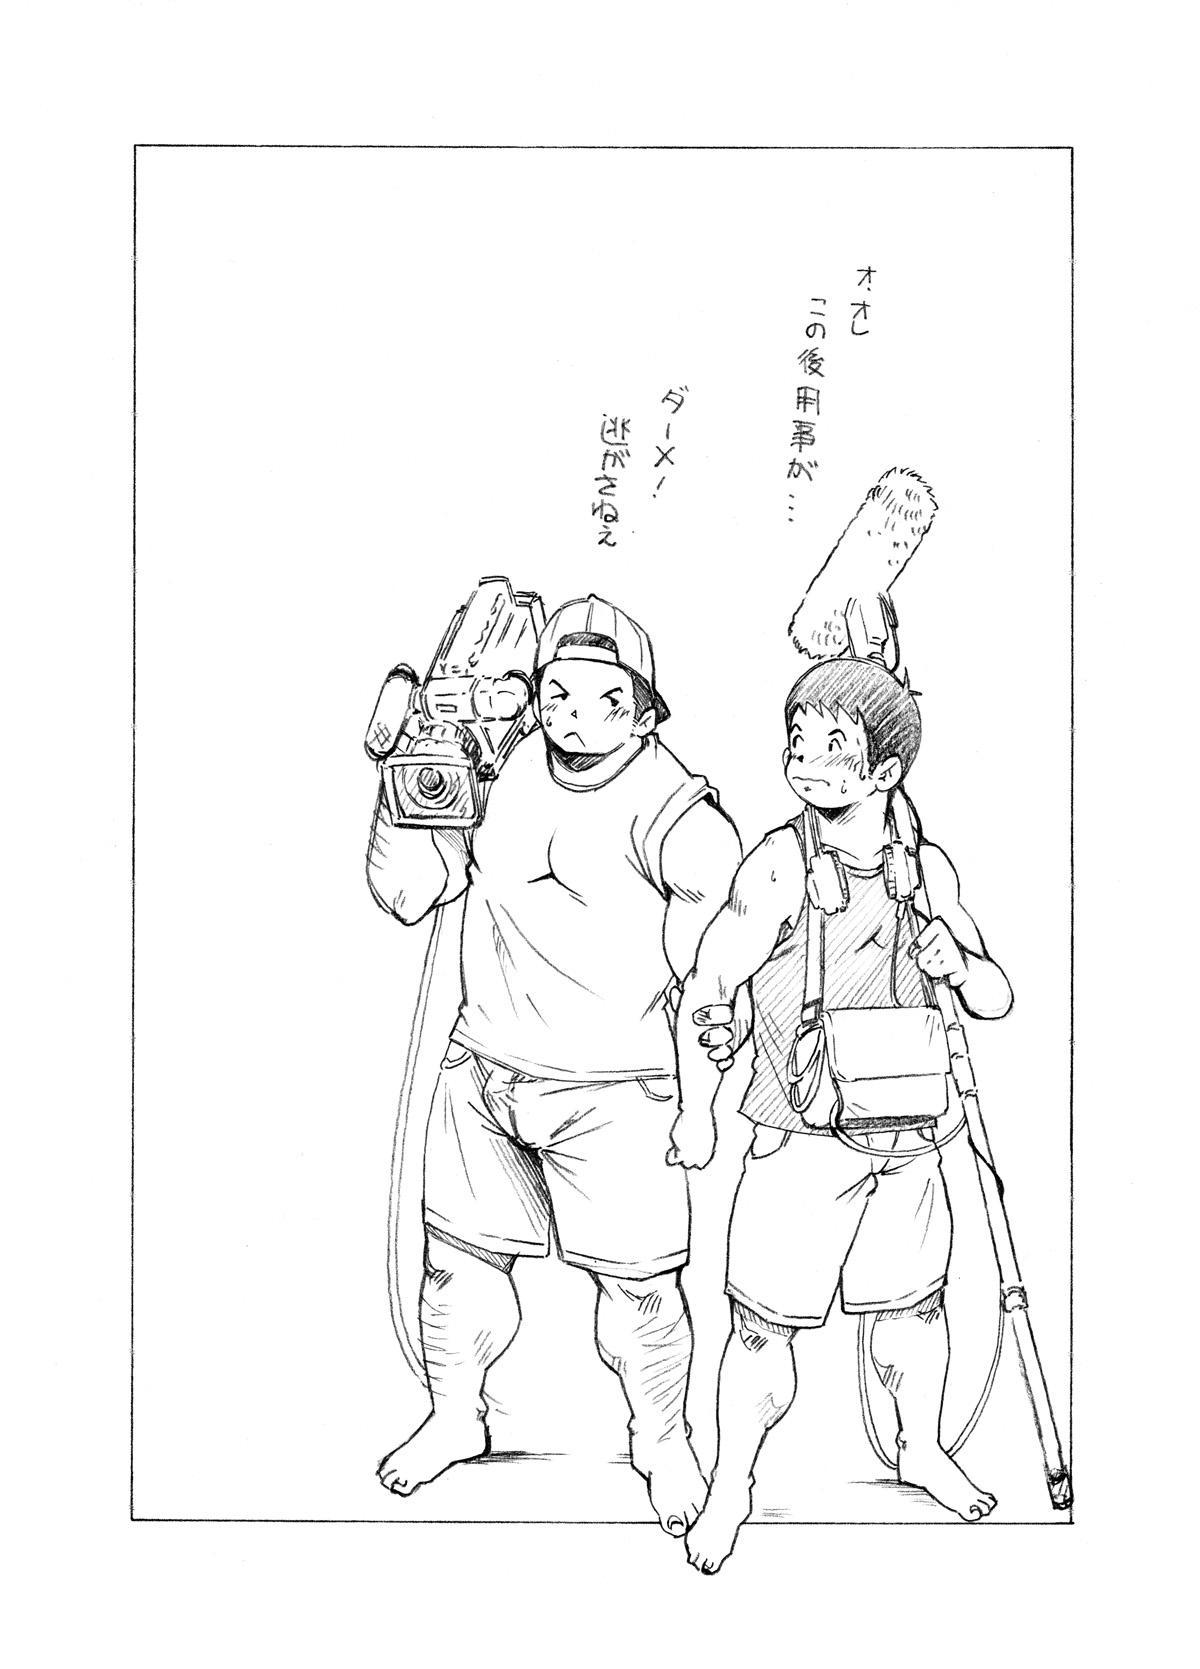 Tadashii Danshi no Kyouren Hou 31